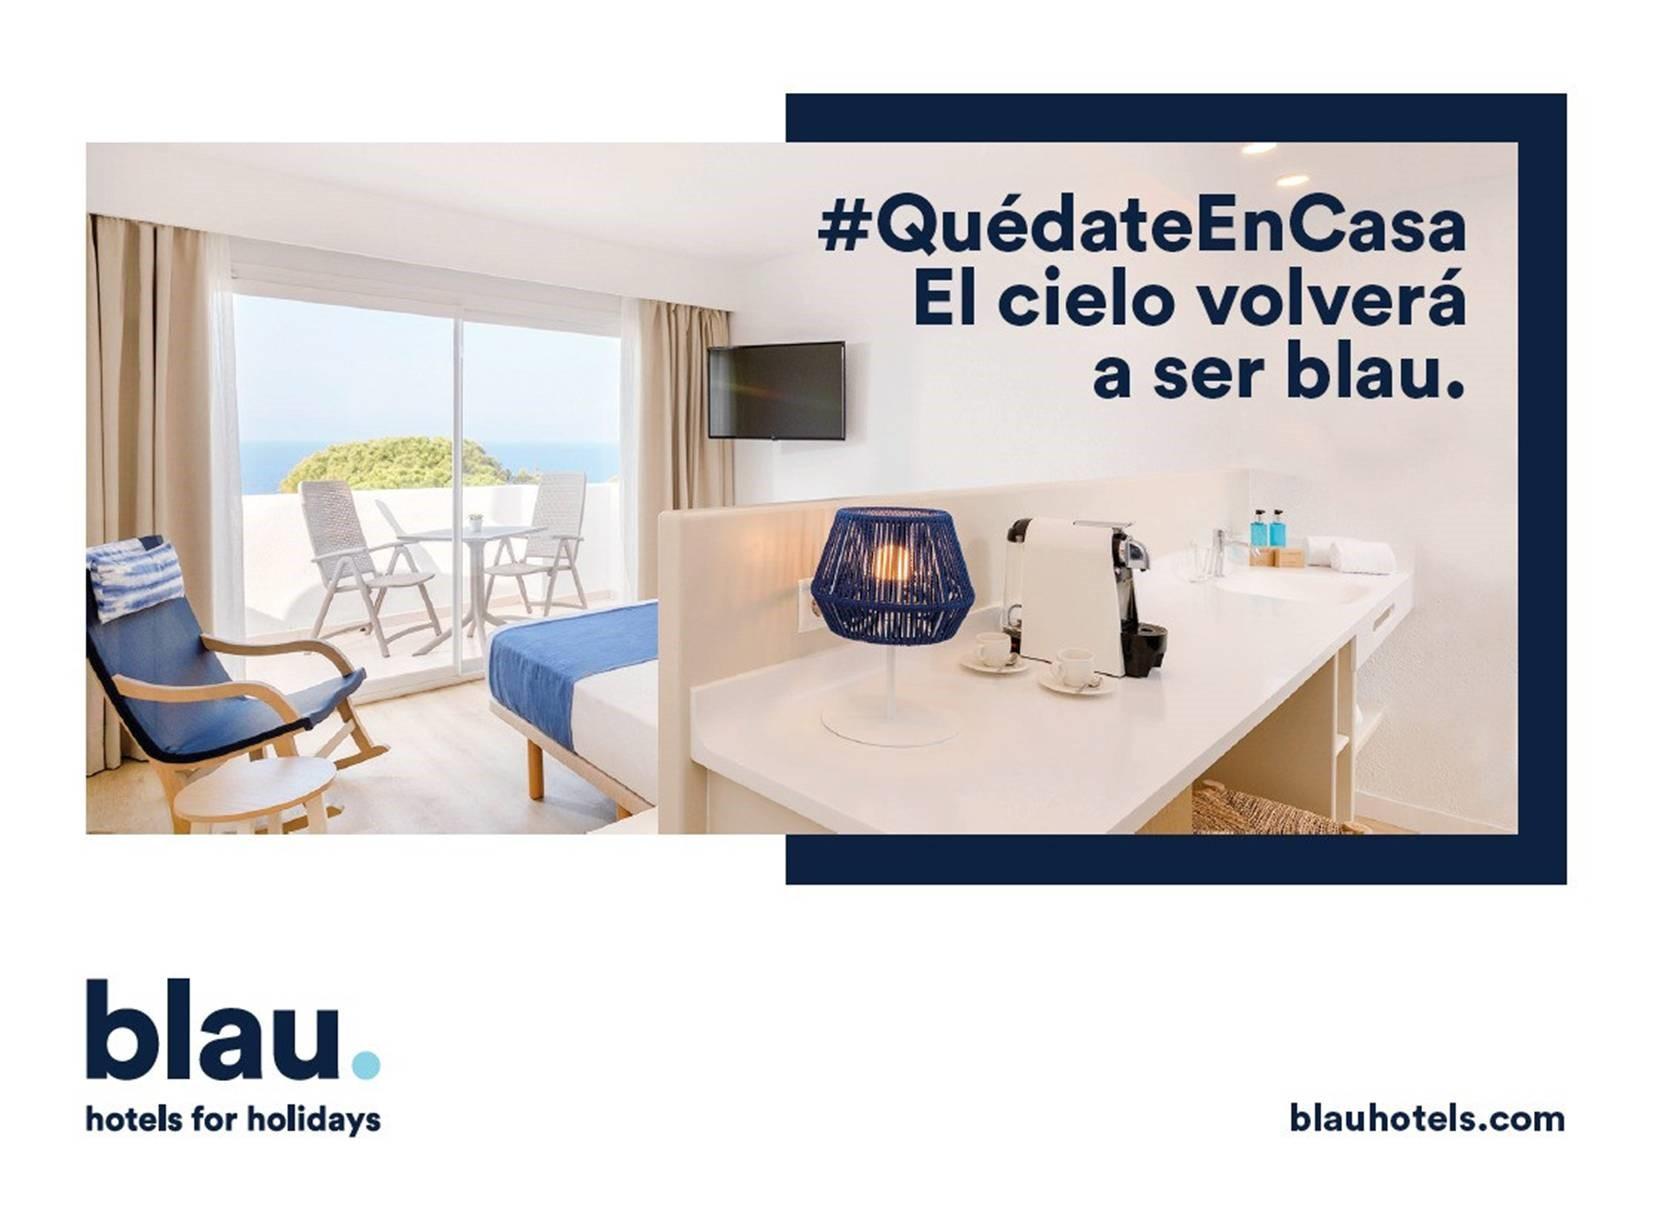 blau hotels coronavius